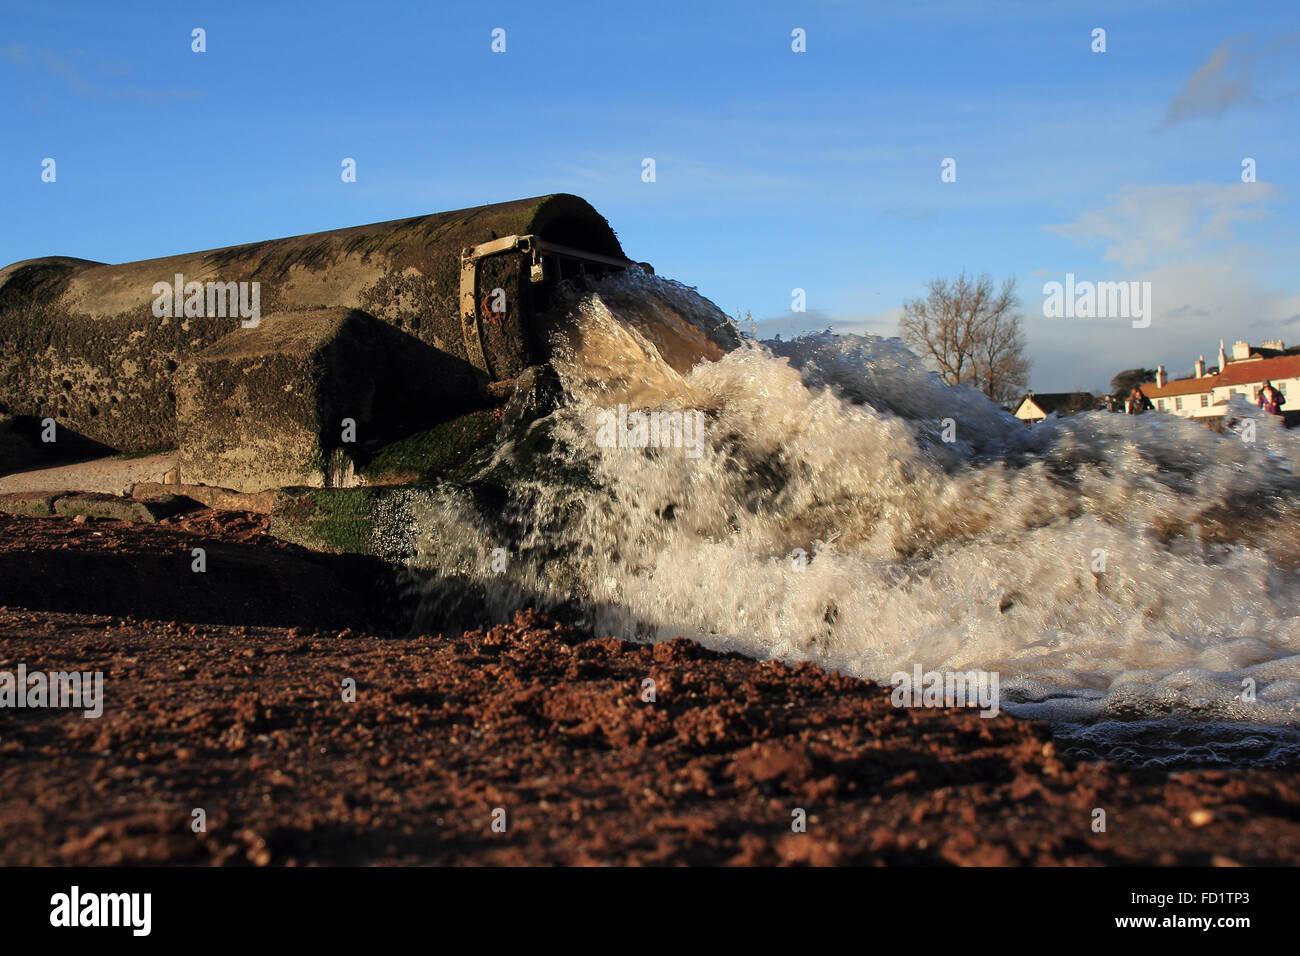 Terra della tubazione di drenaggio produca acqua sporca su di una spiaggia vacanze in Paignton,Devon,Southwest England Immagini Stock